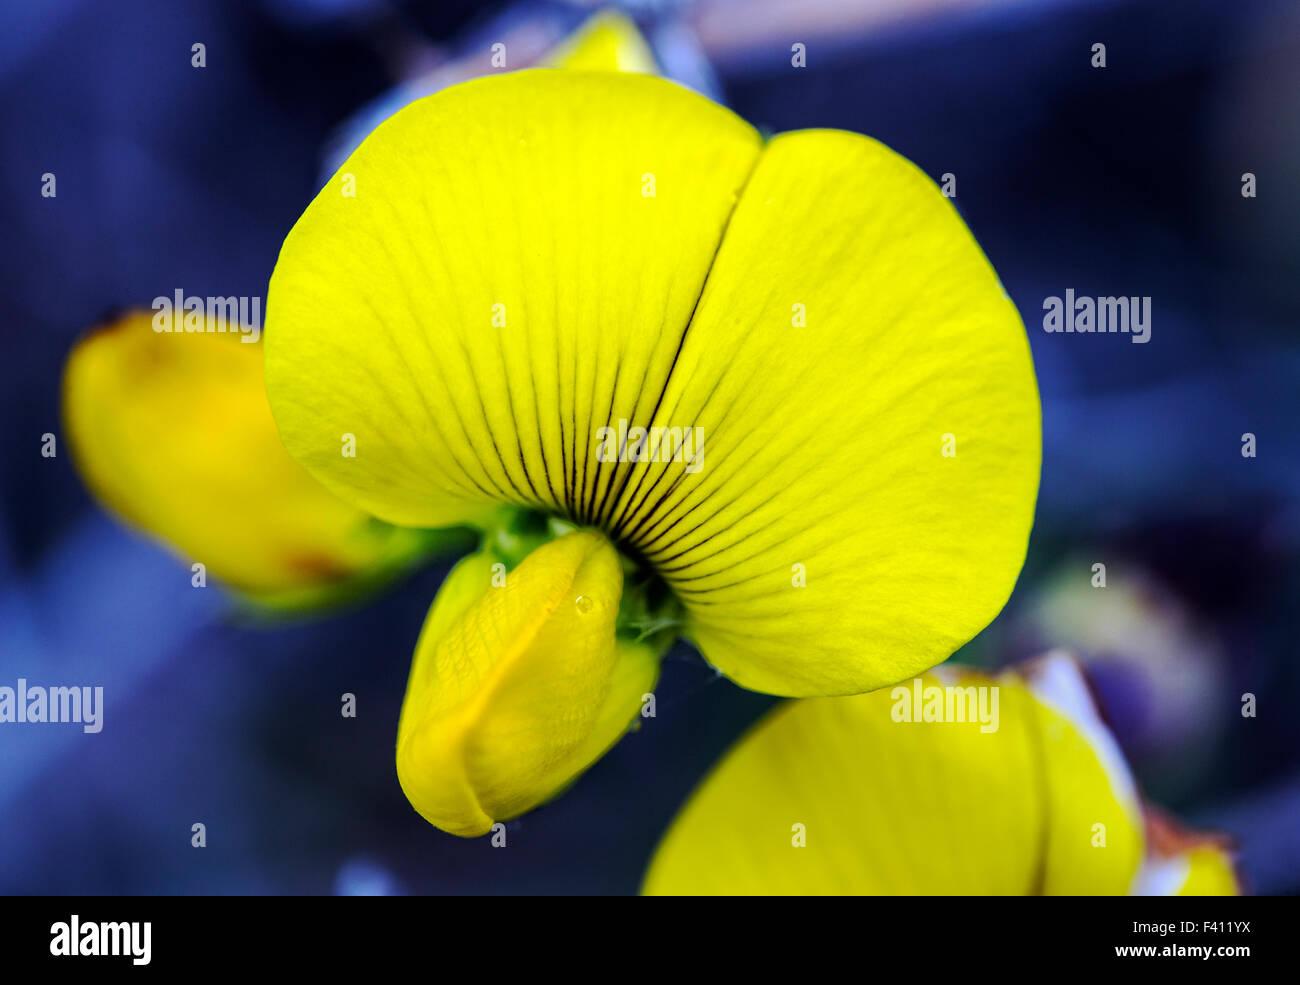 National hawaiian flower images flower wallpaper hd national hawaiian flower image collections flower wallpaper hd national hawaiian flower image collections flower wallpaper hd izmirmasajfo